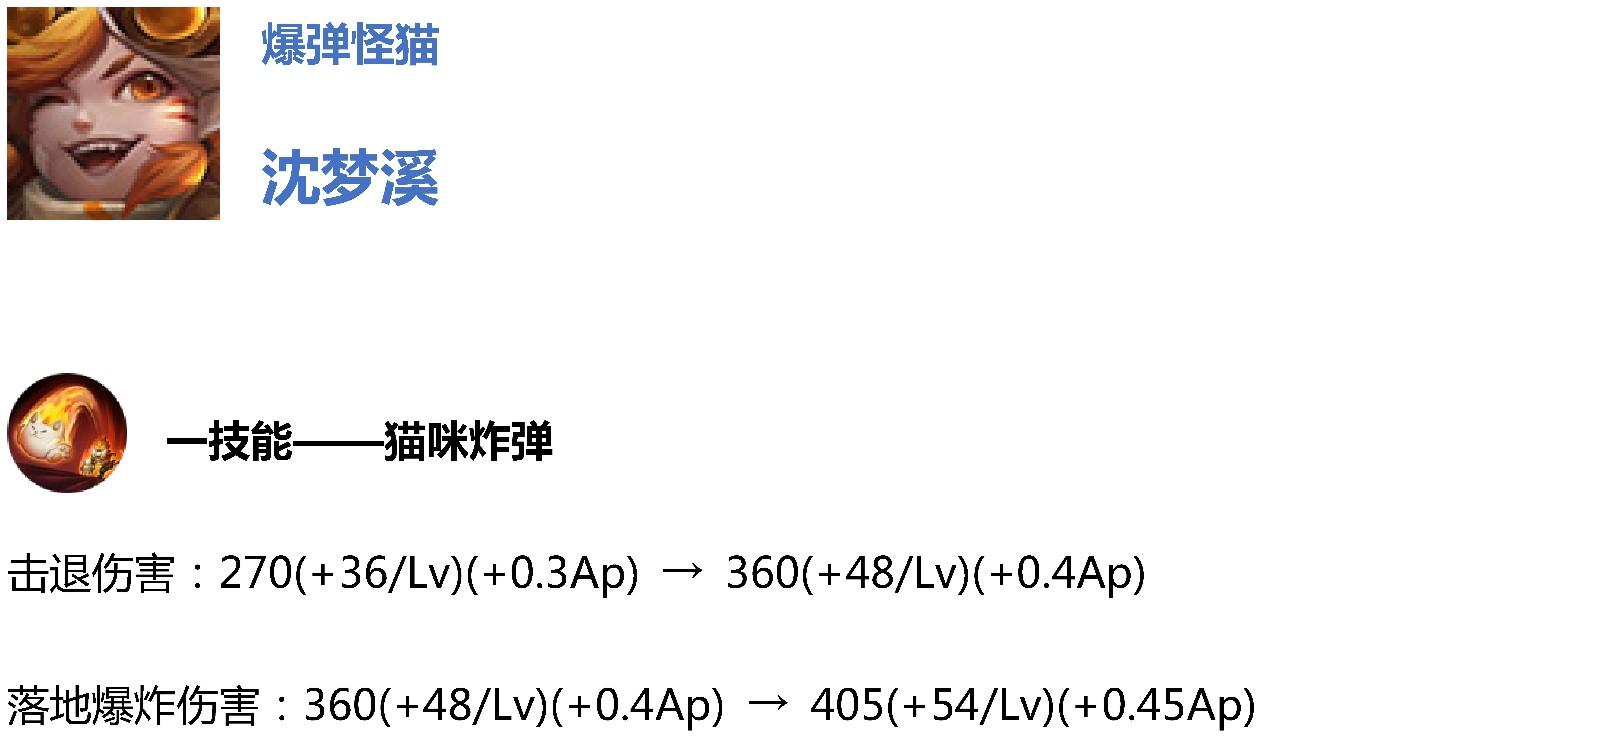 王者荣耀11.8体验服更新:七位英雄调整,铭文改版,动作系统优化[多图]图片7